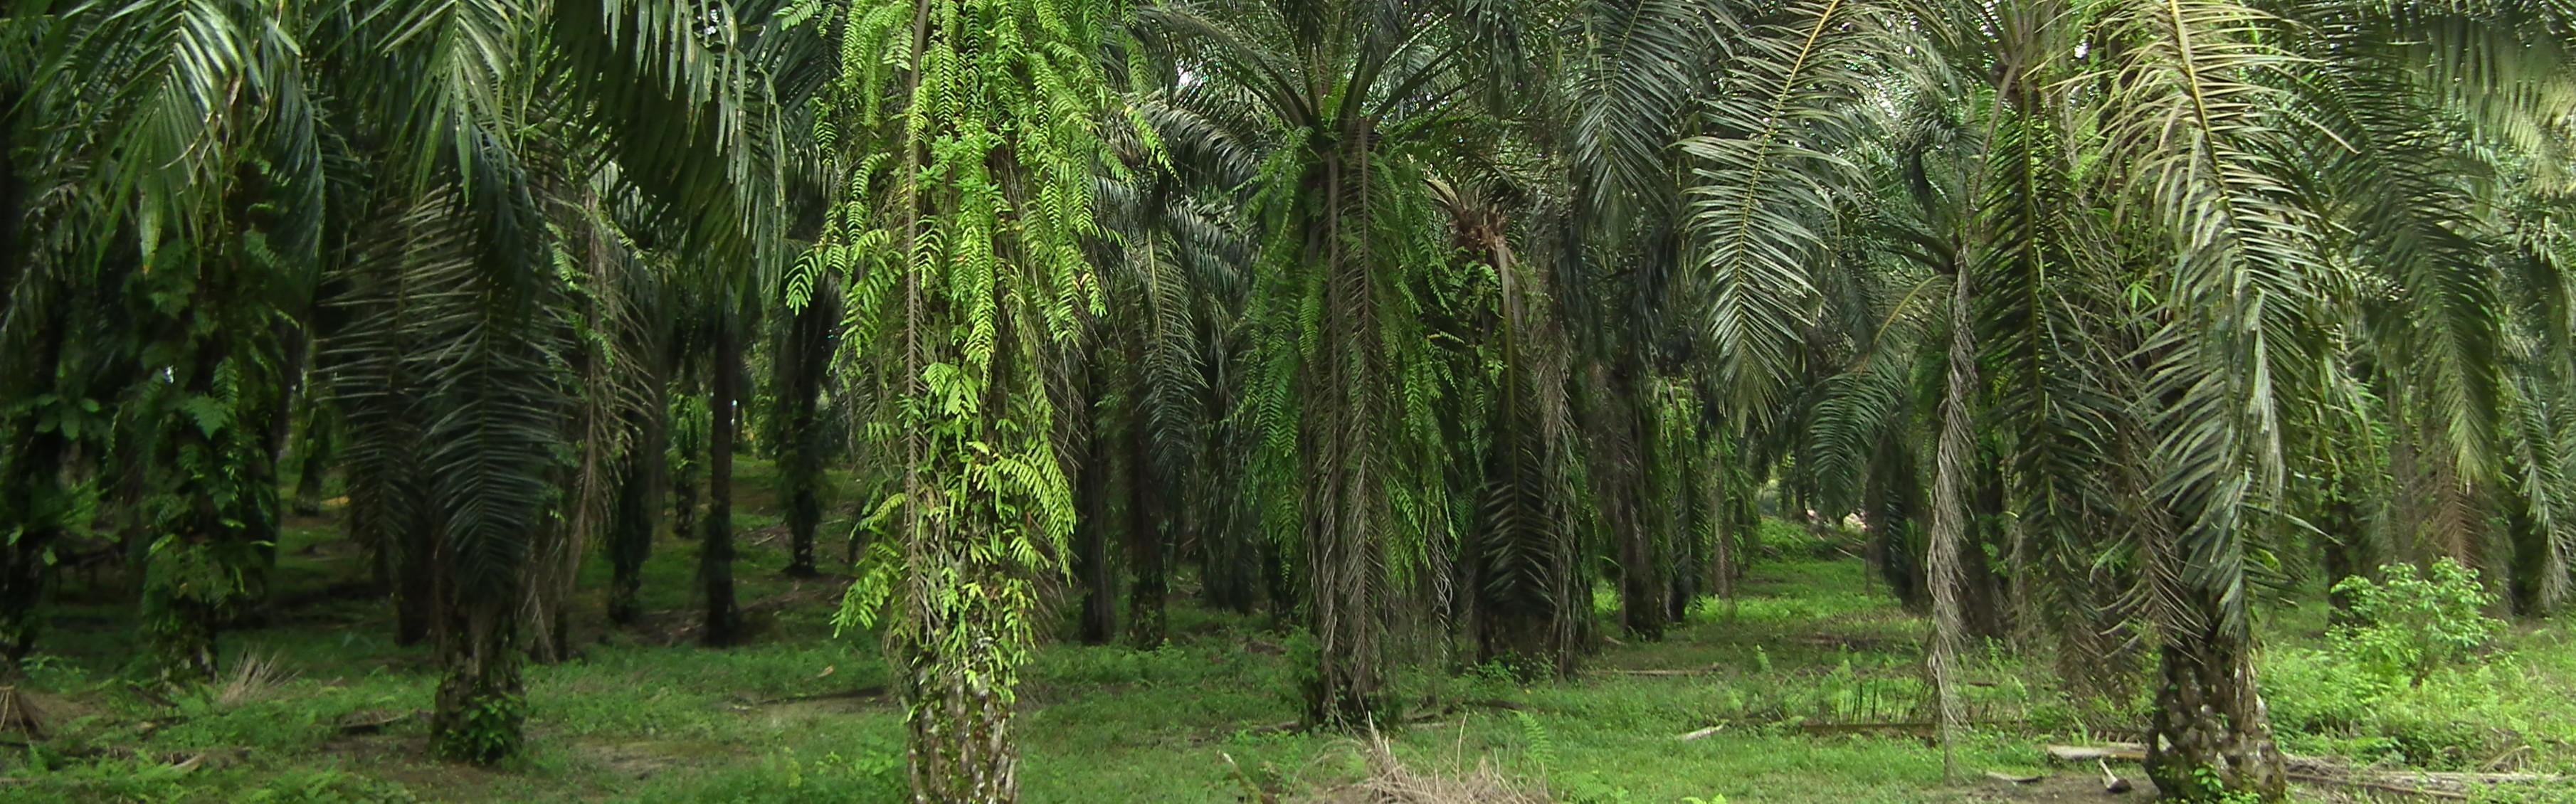 palmolja i mat